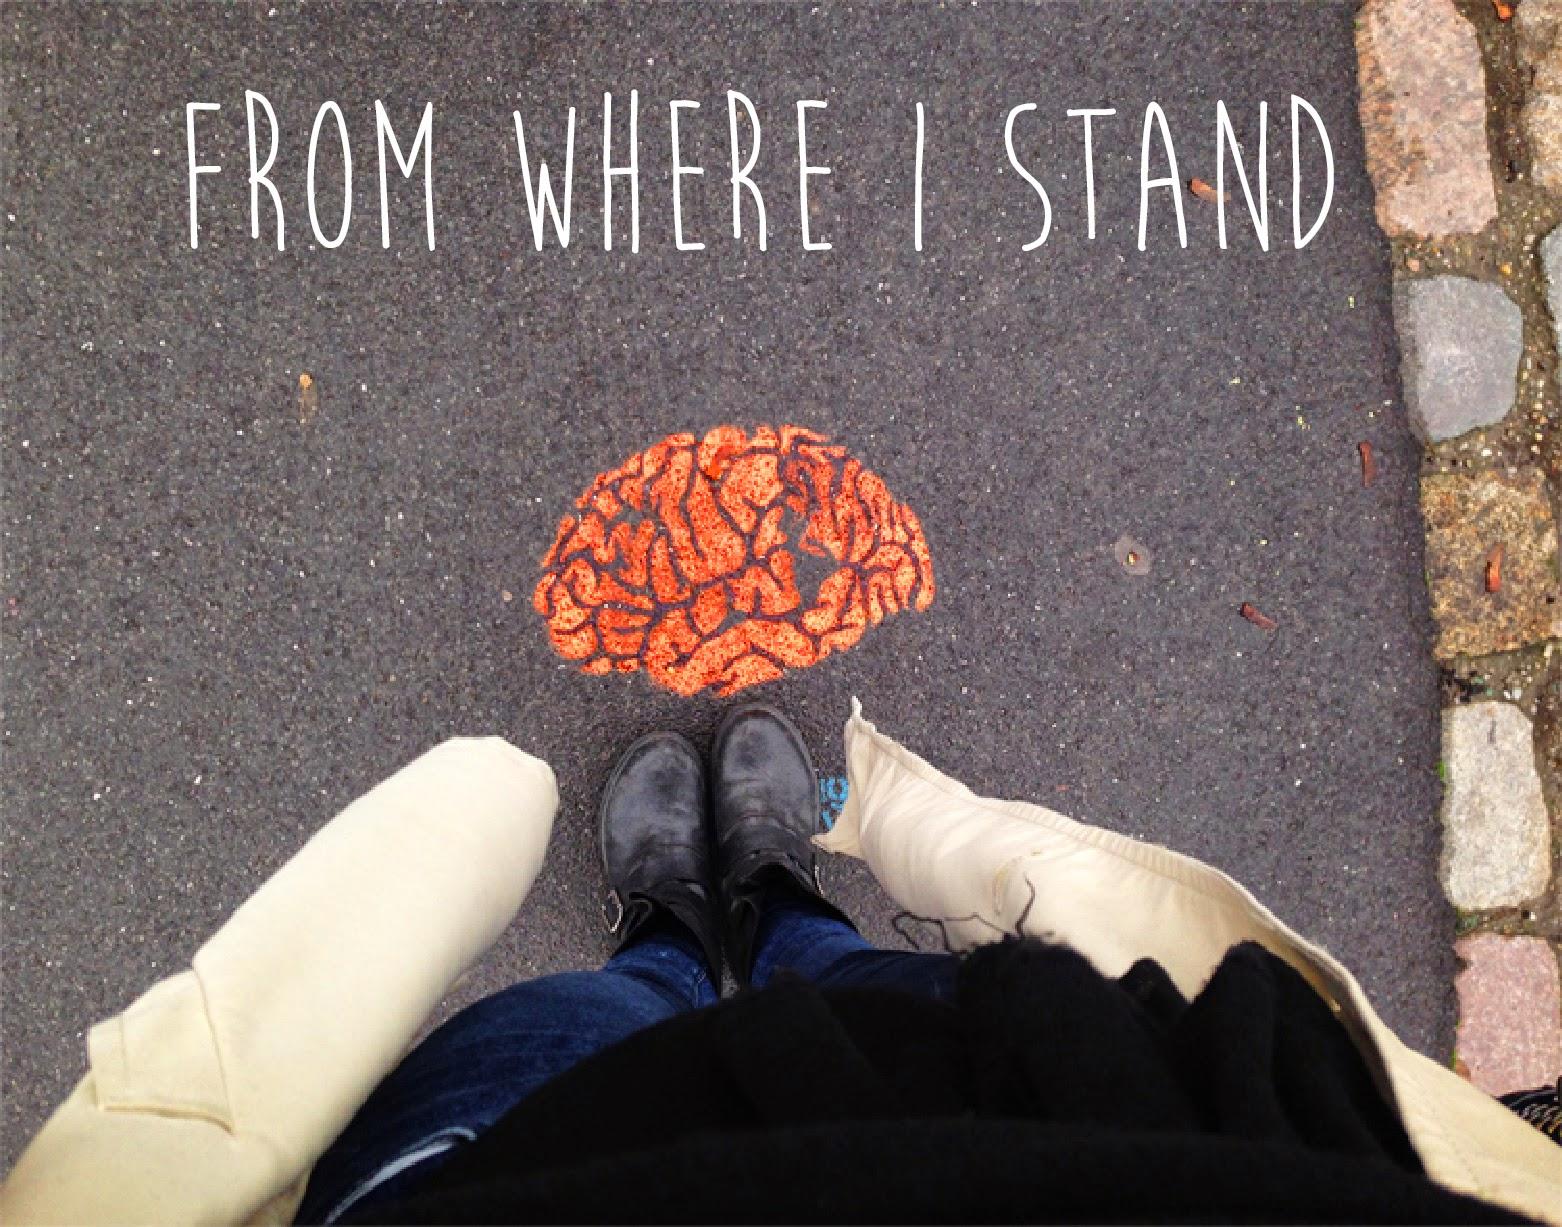 from where i stand hashtag instagram blogger fashion steve madden shoes brain graffiti graffiti görli